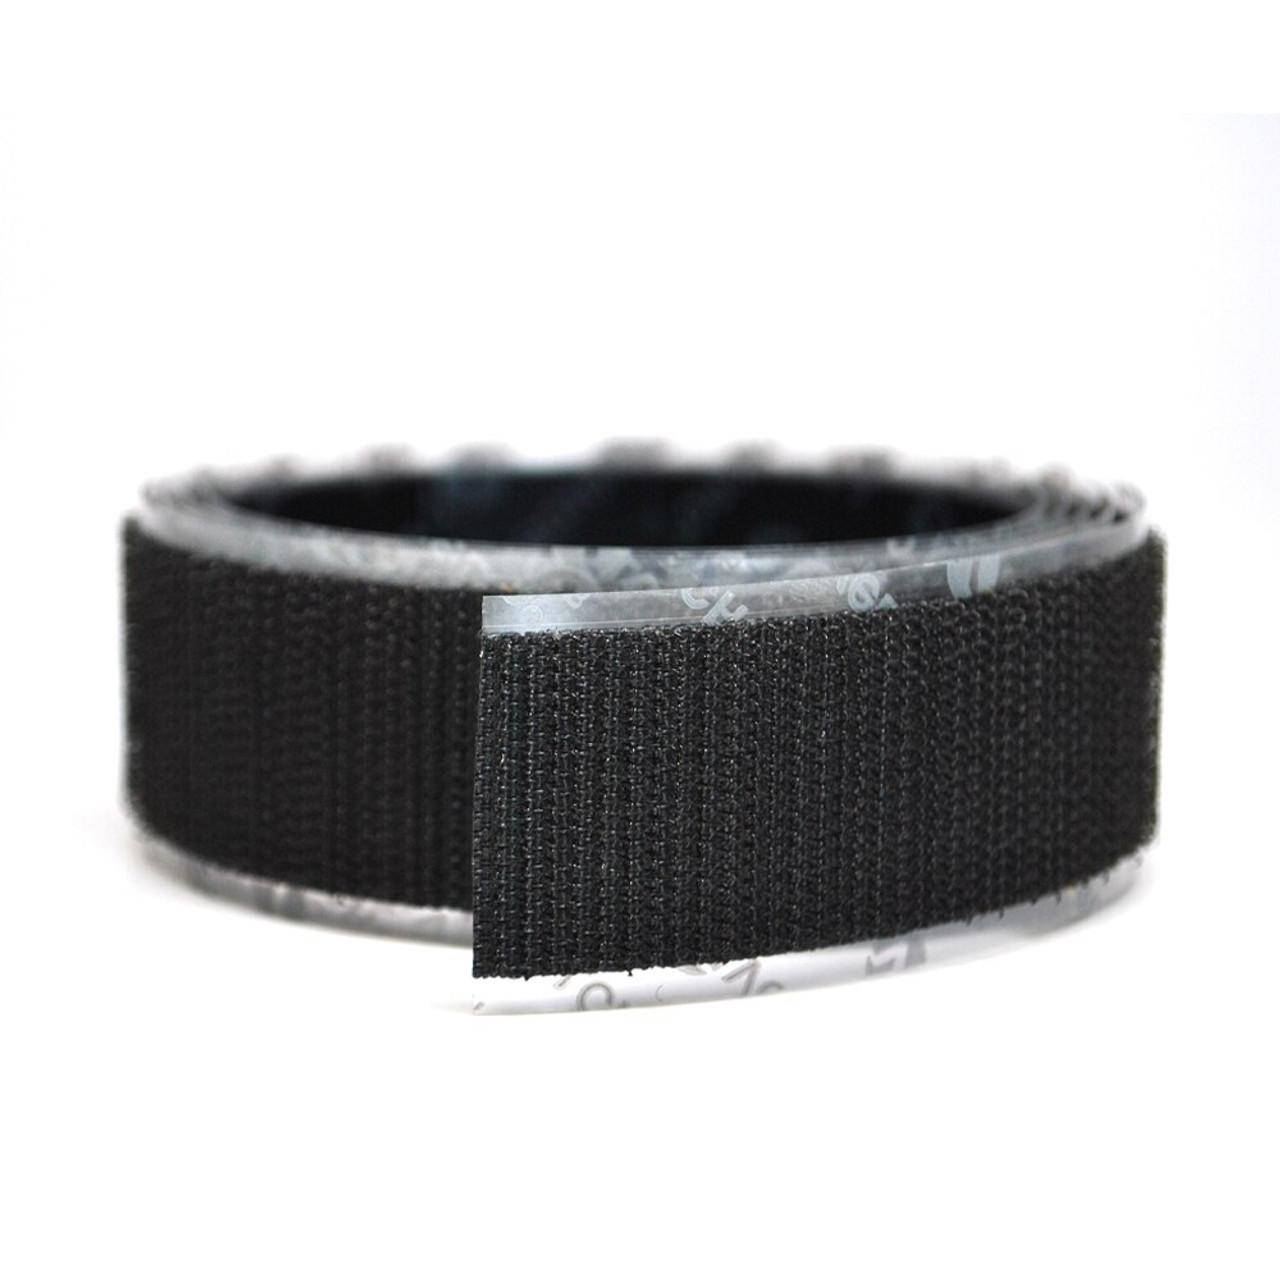 VELCRO® Brand Polyester Tape Black Hook / Velcro Fasteners